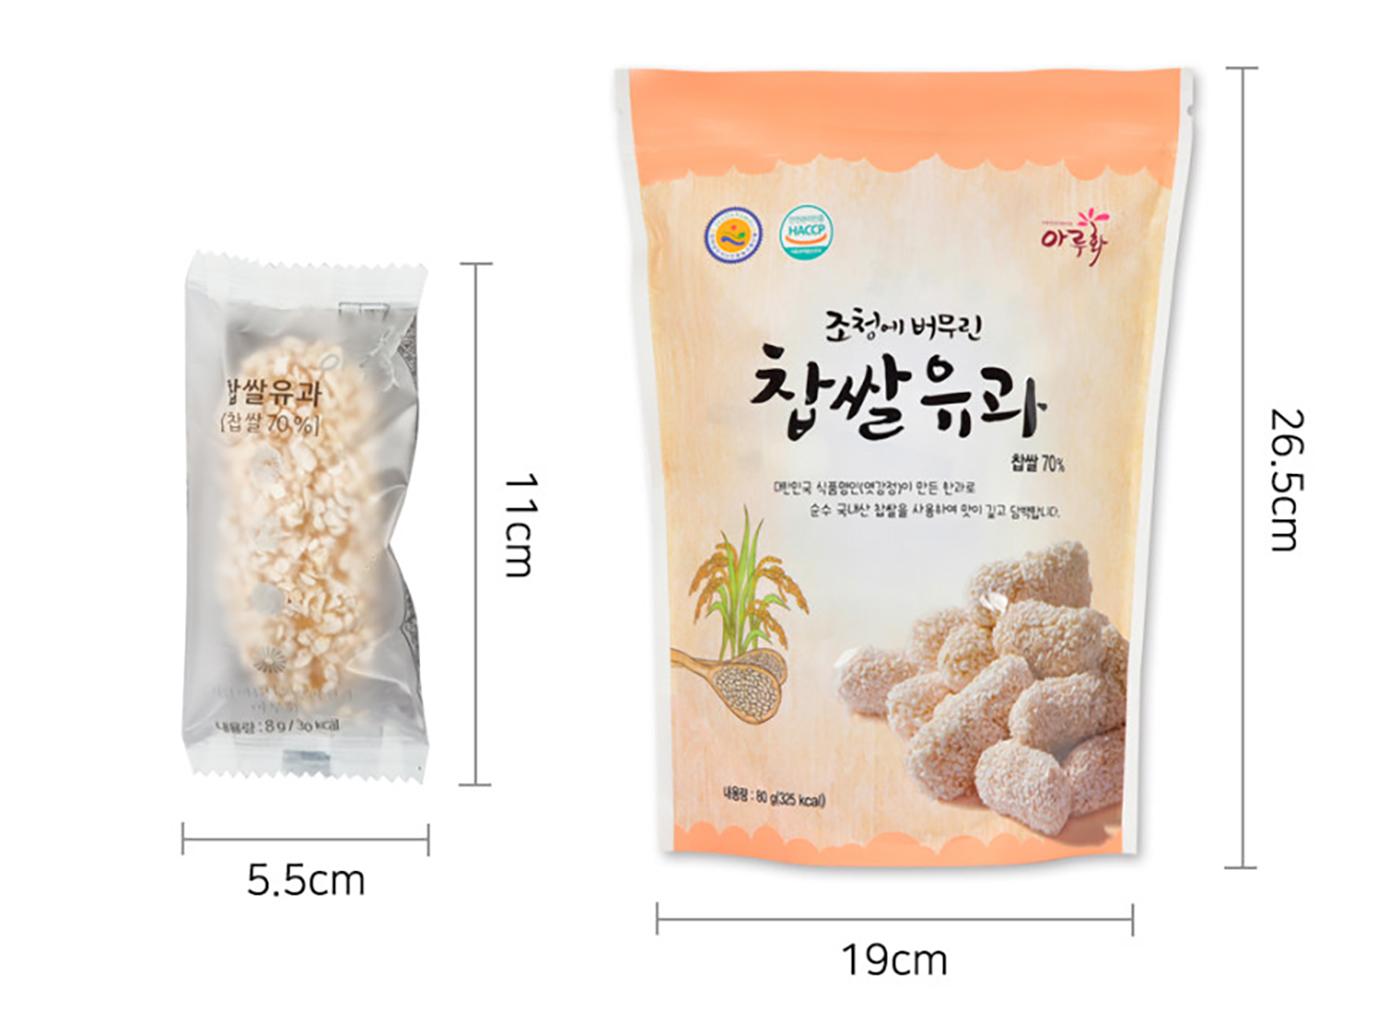 조청에 버무린 찹쌀 유과 (낱개/1kg) 상세이미지7